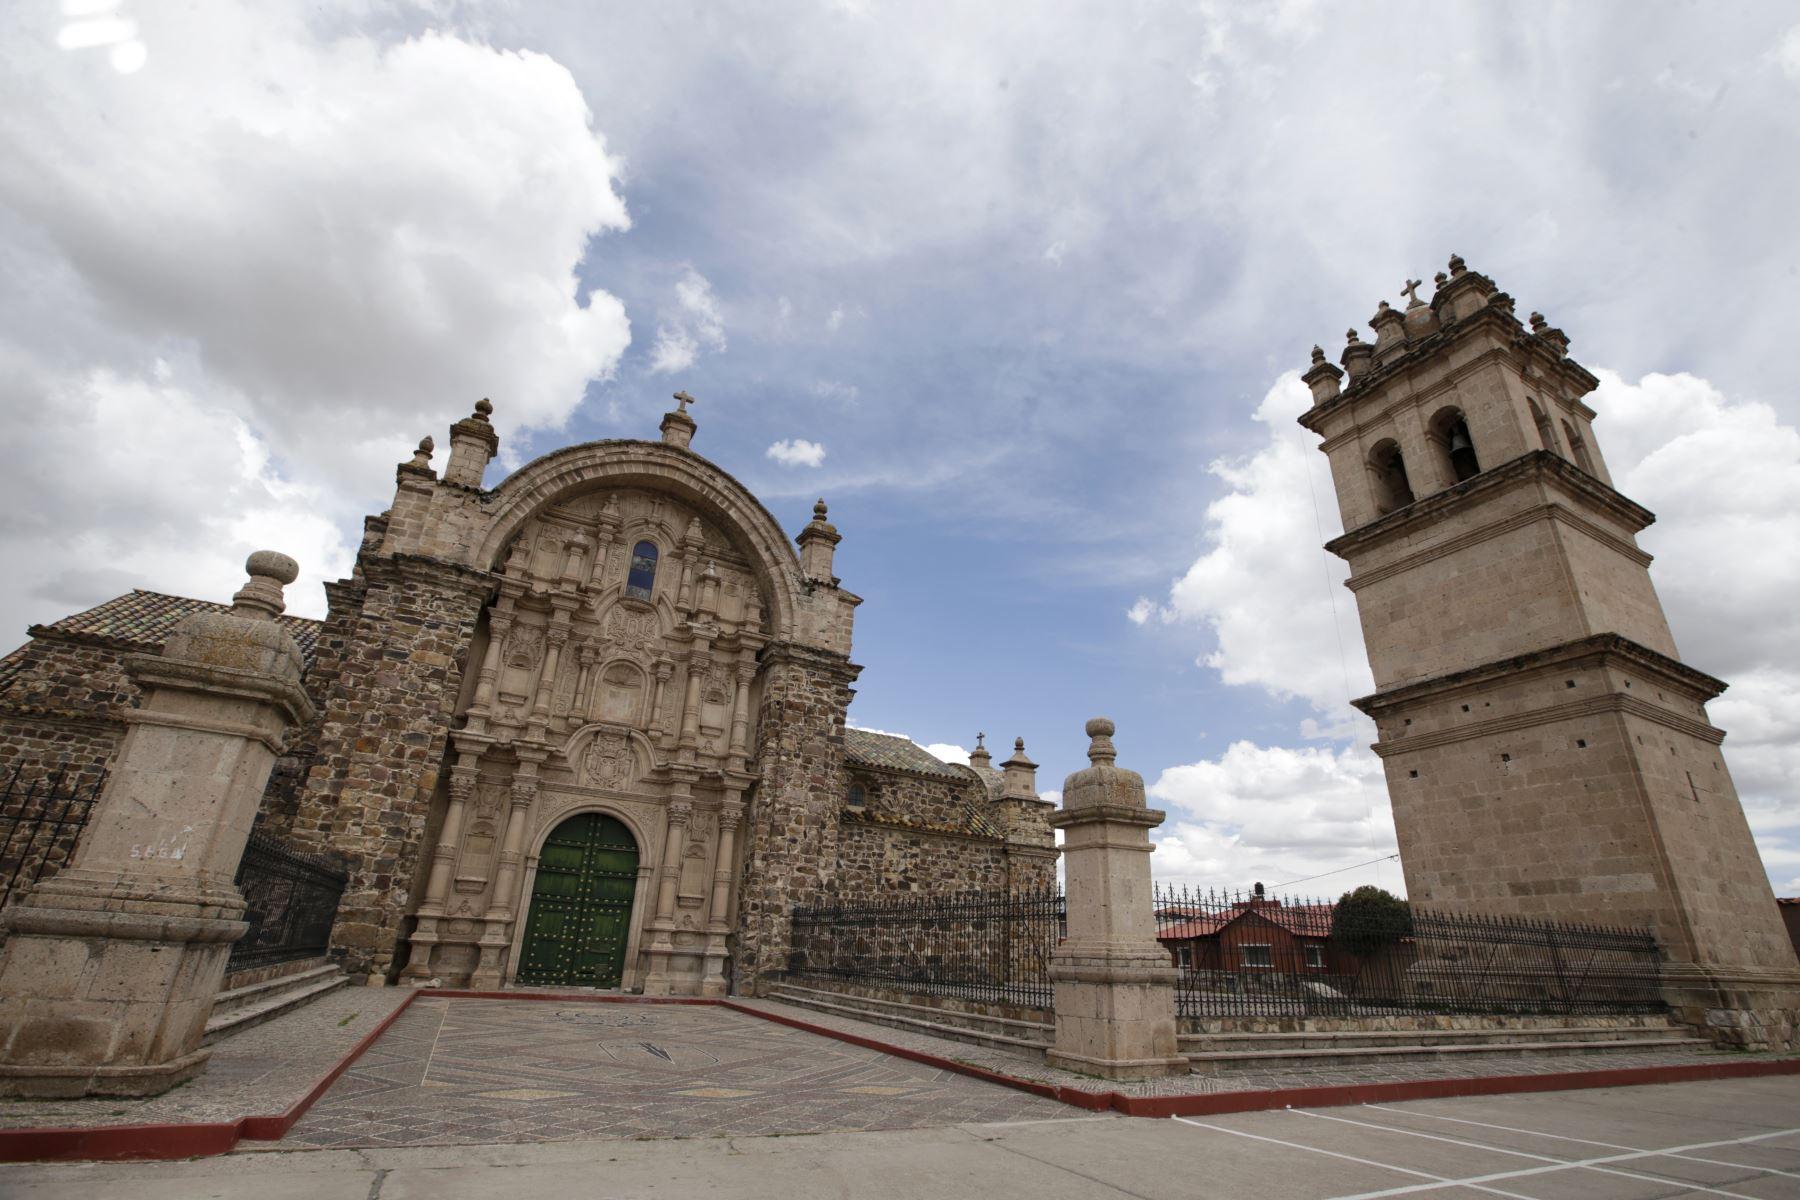 Impresionante vista de la iglesia de Santiago Apóstol de Lampa. El templo fue declarado monumento nacional en 1941. Es una iglesia de origen colonial de gran tamaño que se construyó entre 1675 y 1685. Su cúpula de sillar rosado mide 37 metros de altura, coronada con cerámica vidriada. Foto: ANDINA/Melina Mejía